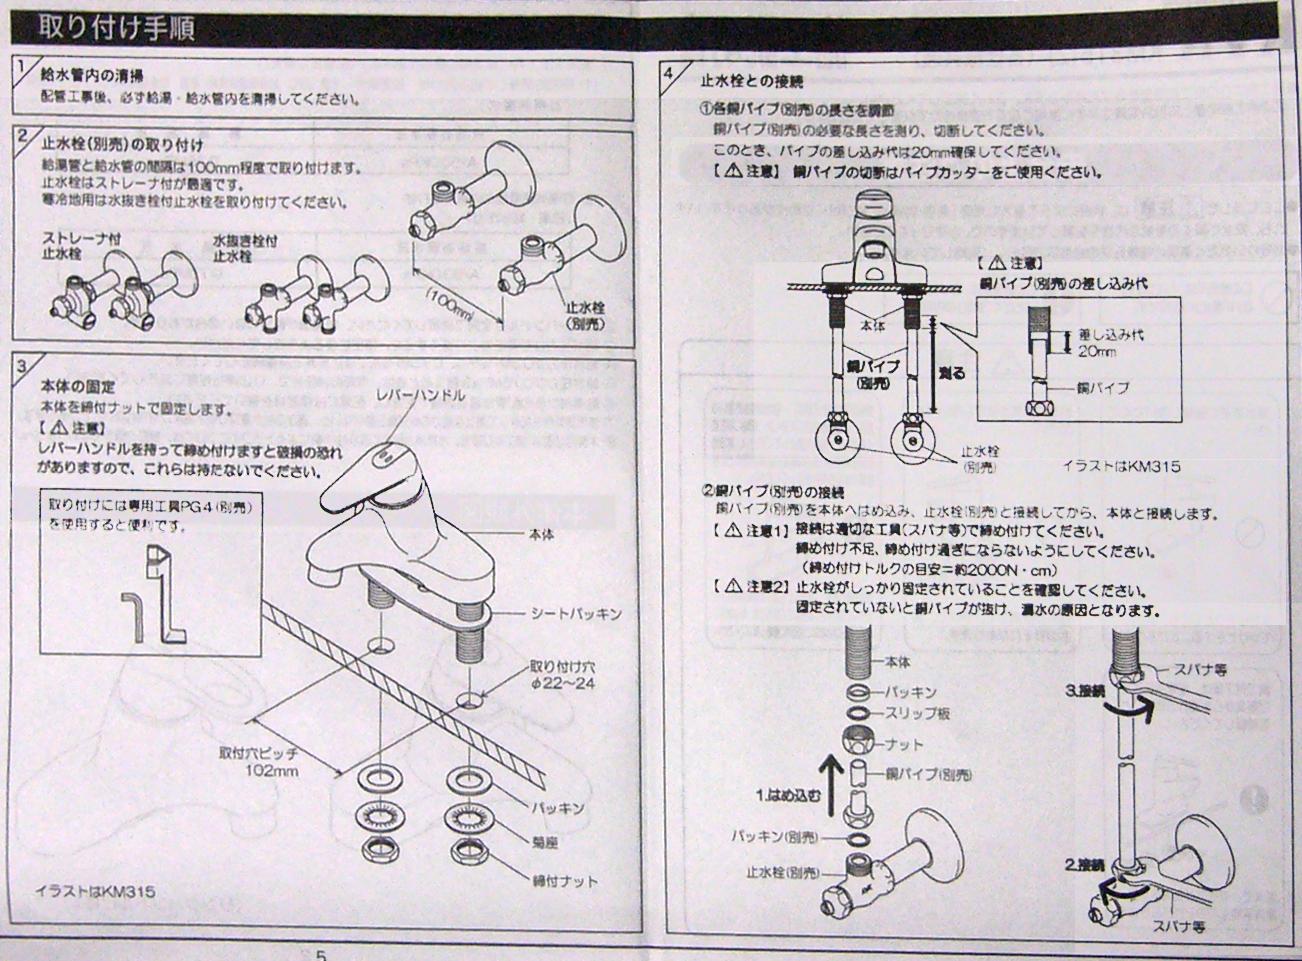 KM-315G 取り付け説明書